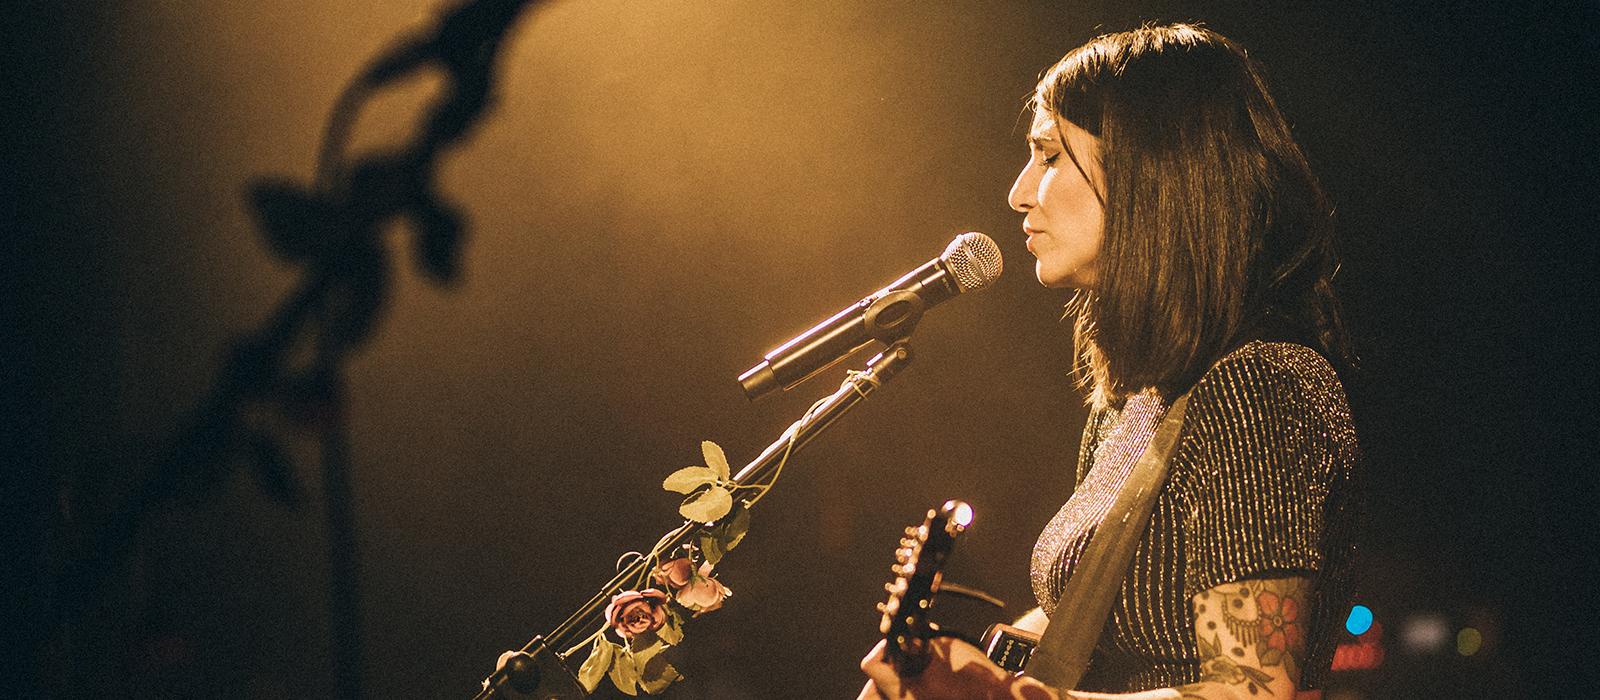 Bely Basarte enamora a Madrid con un concierto memorable en el festival Inverfest